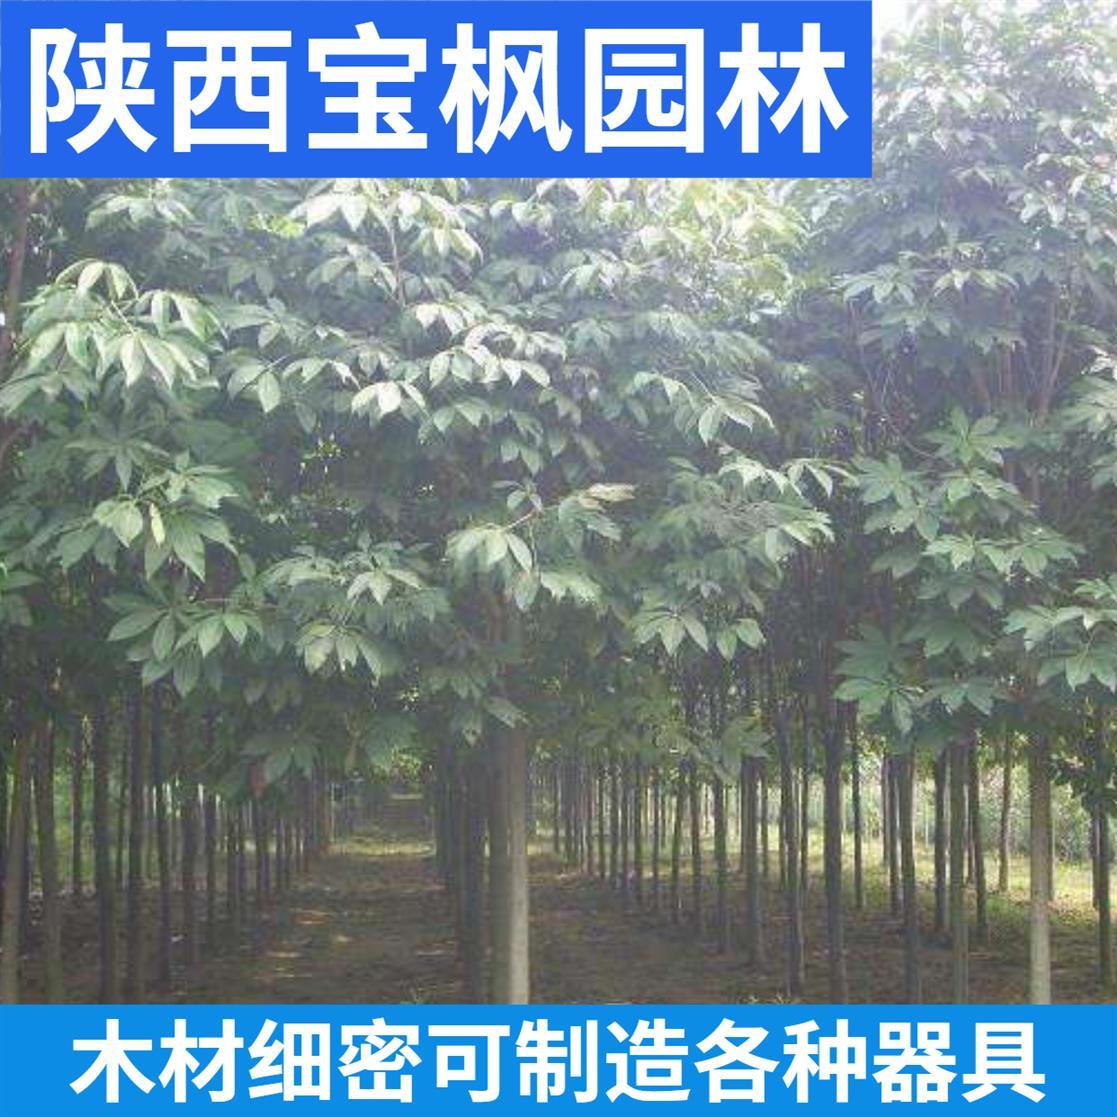 珠海七叶树基地 雪松 量大价格优惠